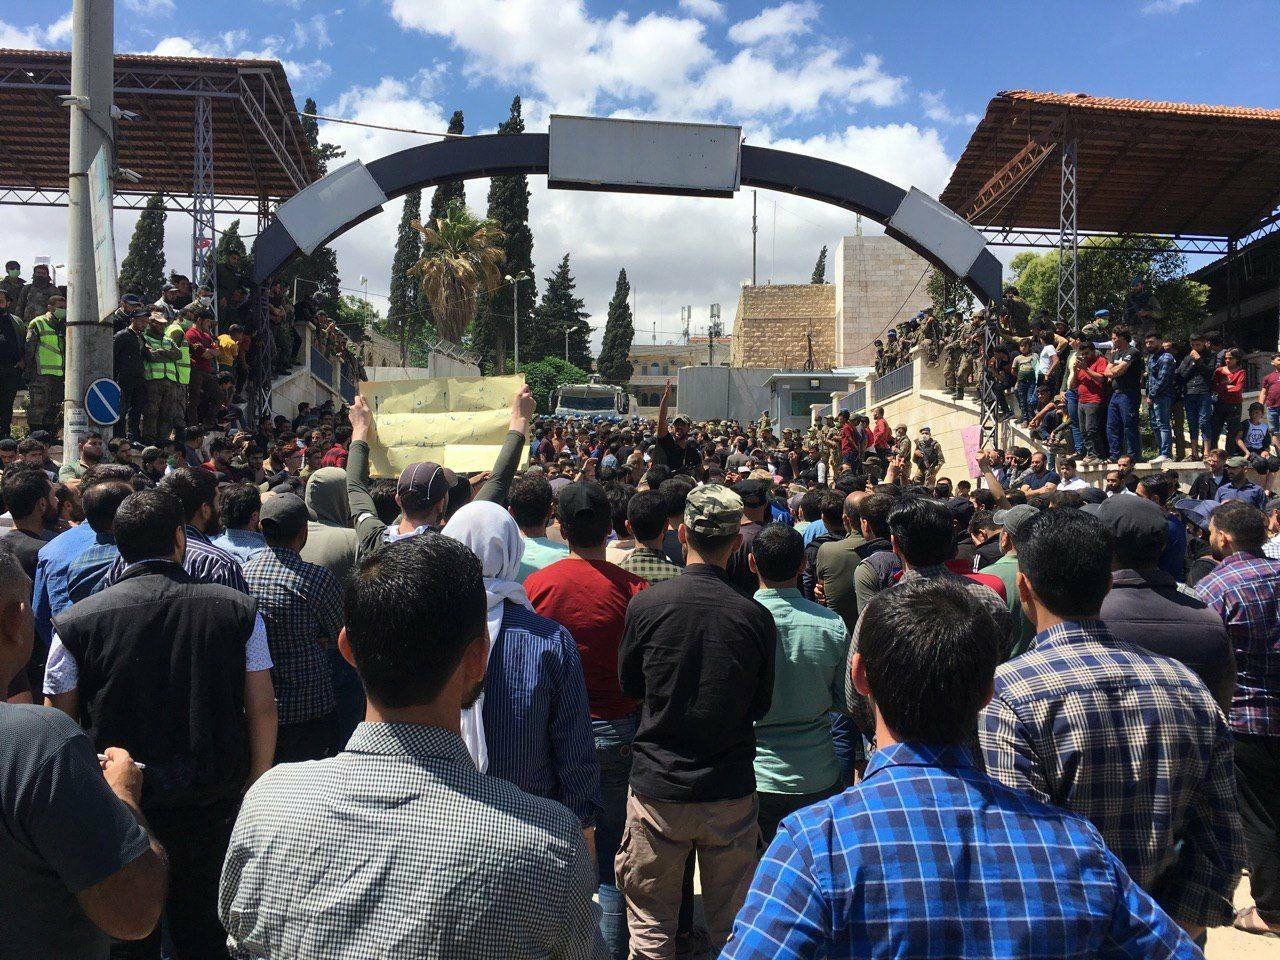 بالفيديو || بعد حادثة القنبلة بـ عفرين .. مطالبات بالقصاص وإخراج الفصائل العسكرية من المدينة